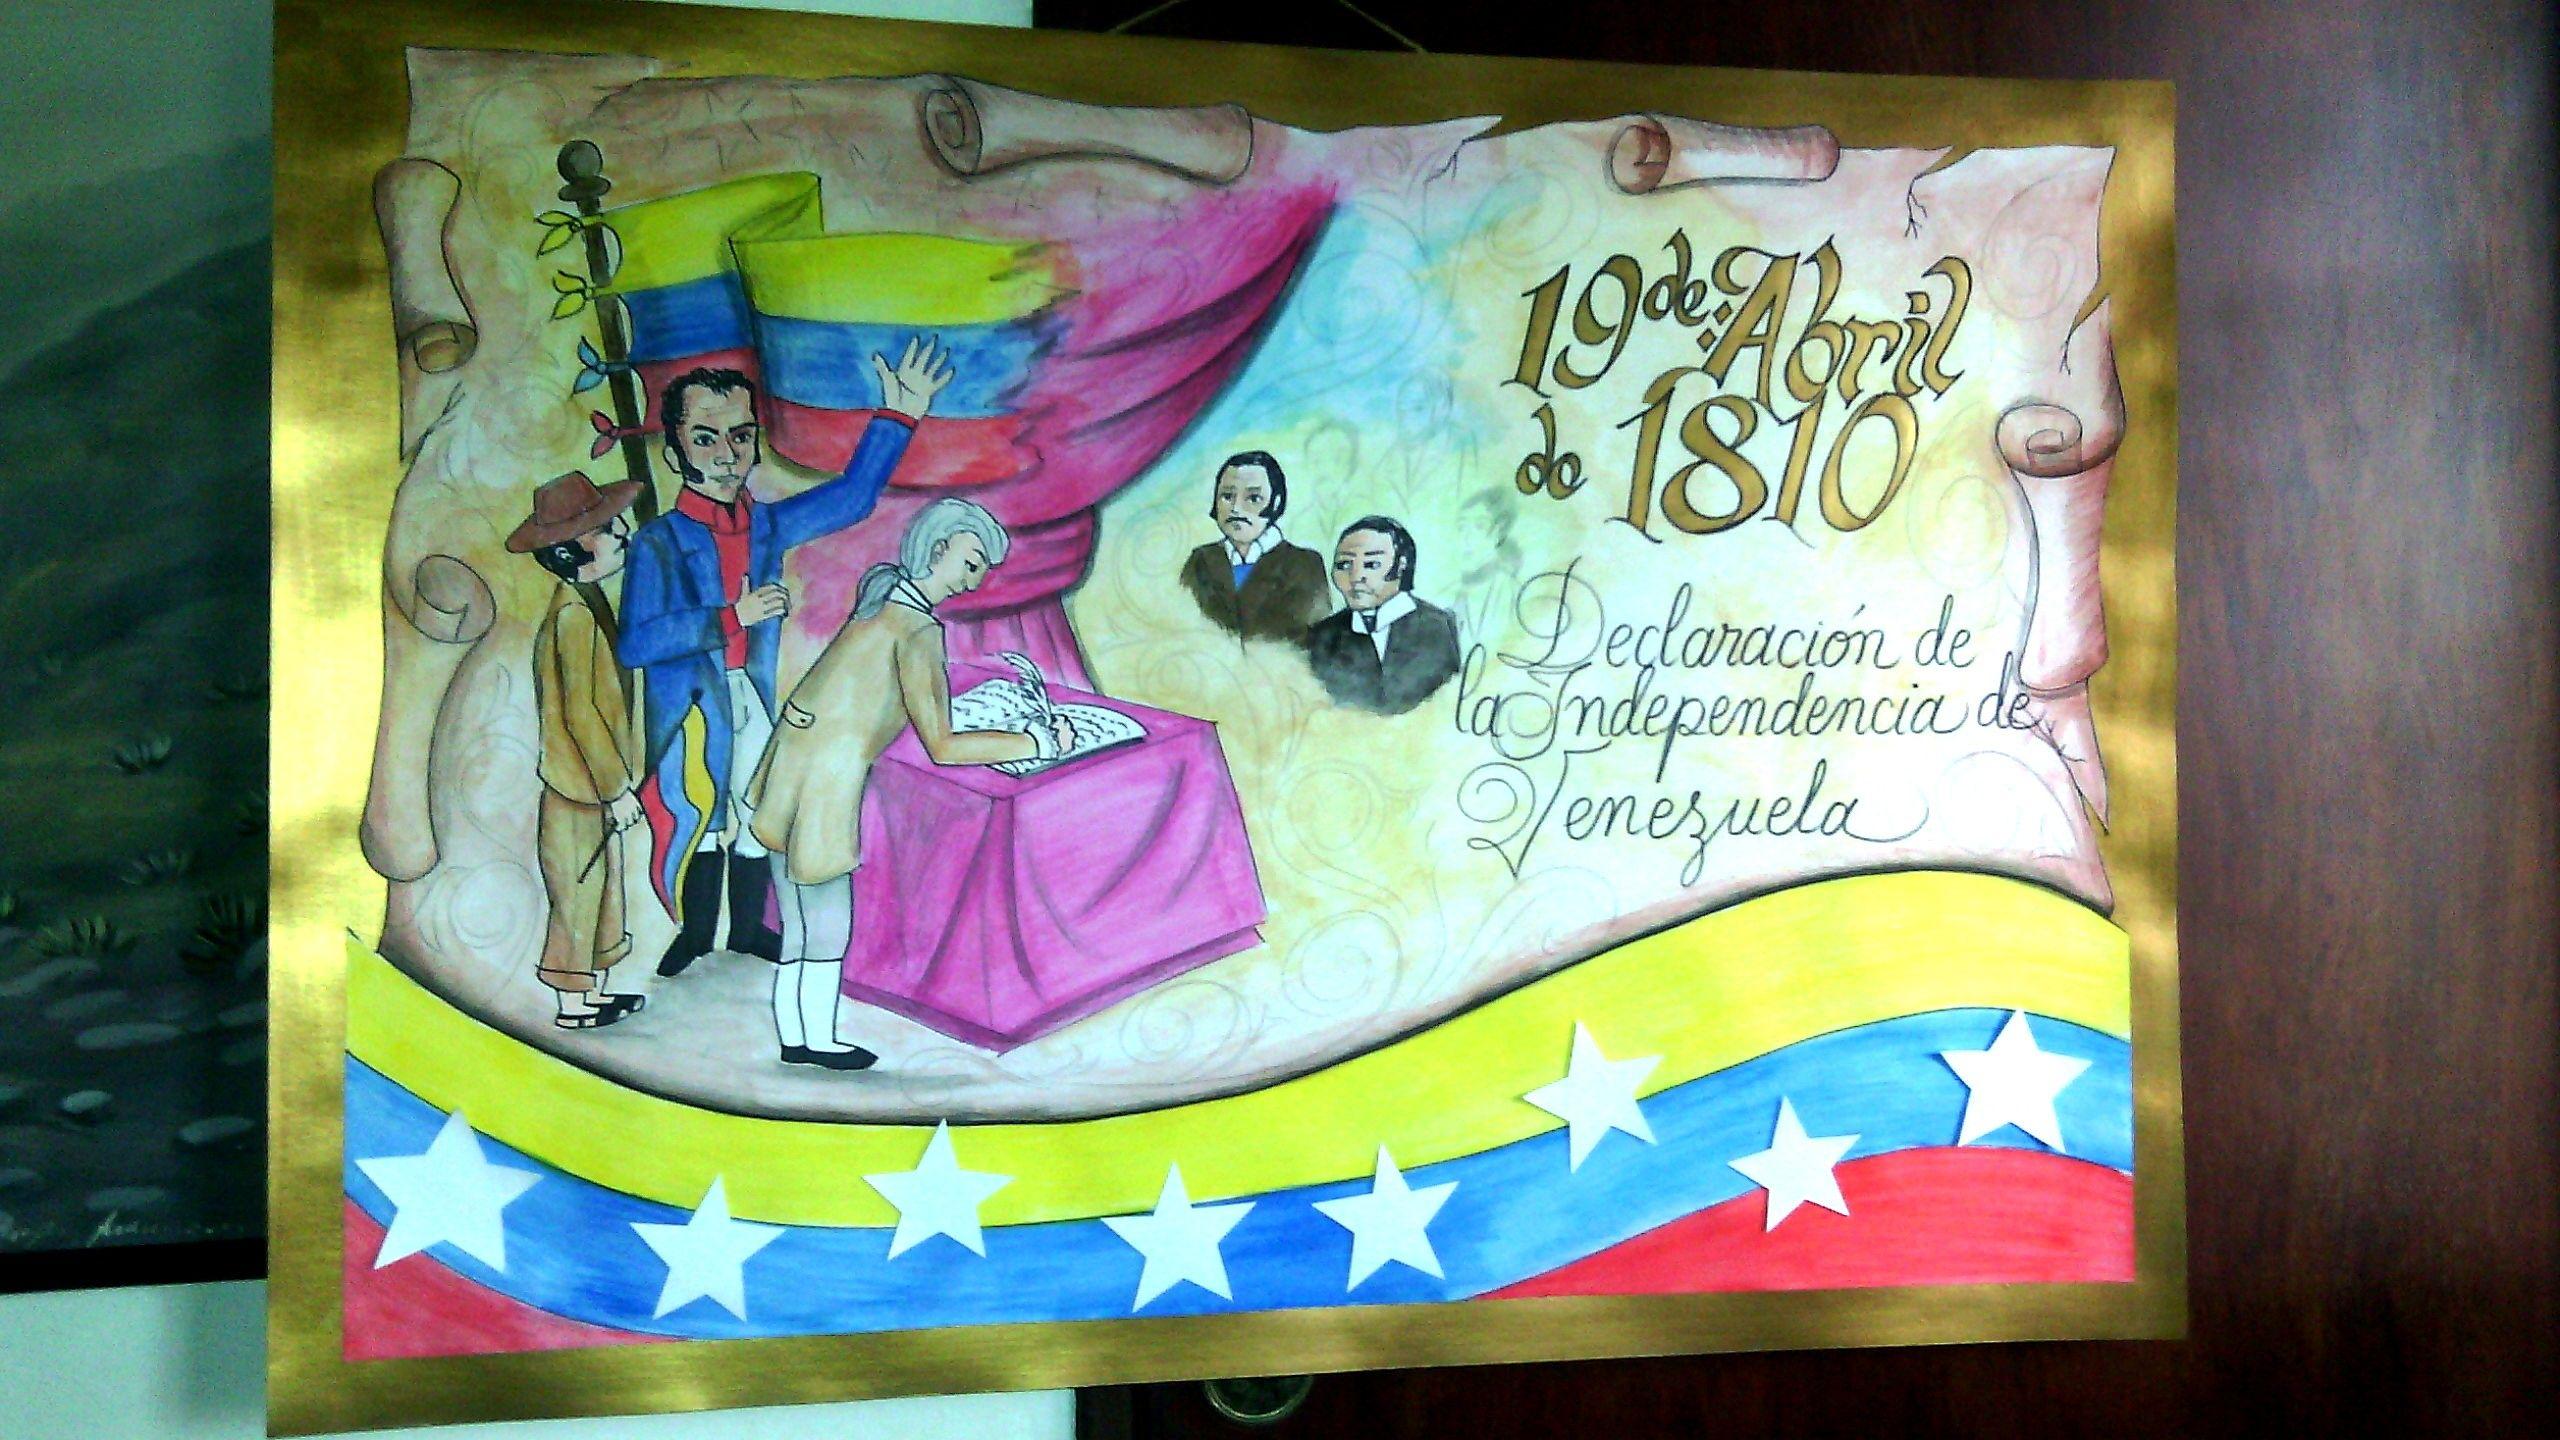 Cartelera Escolar 19 De Abril De 1810 Primer Paso